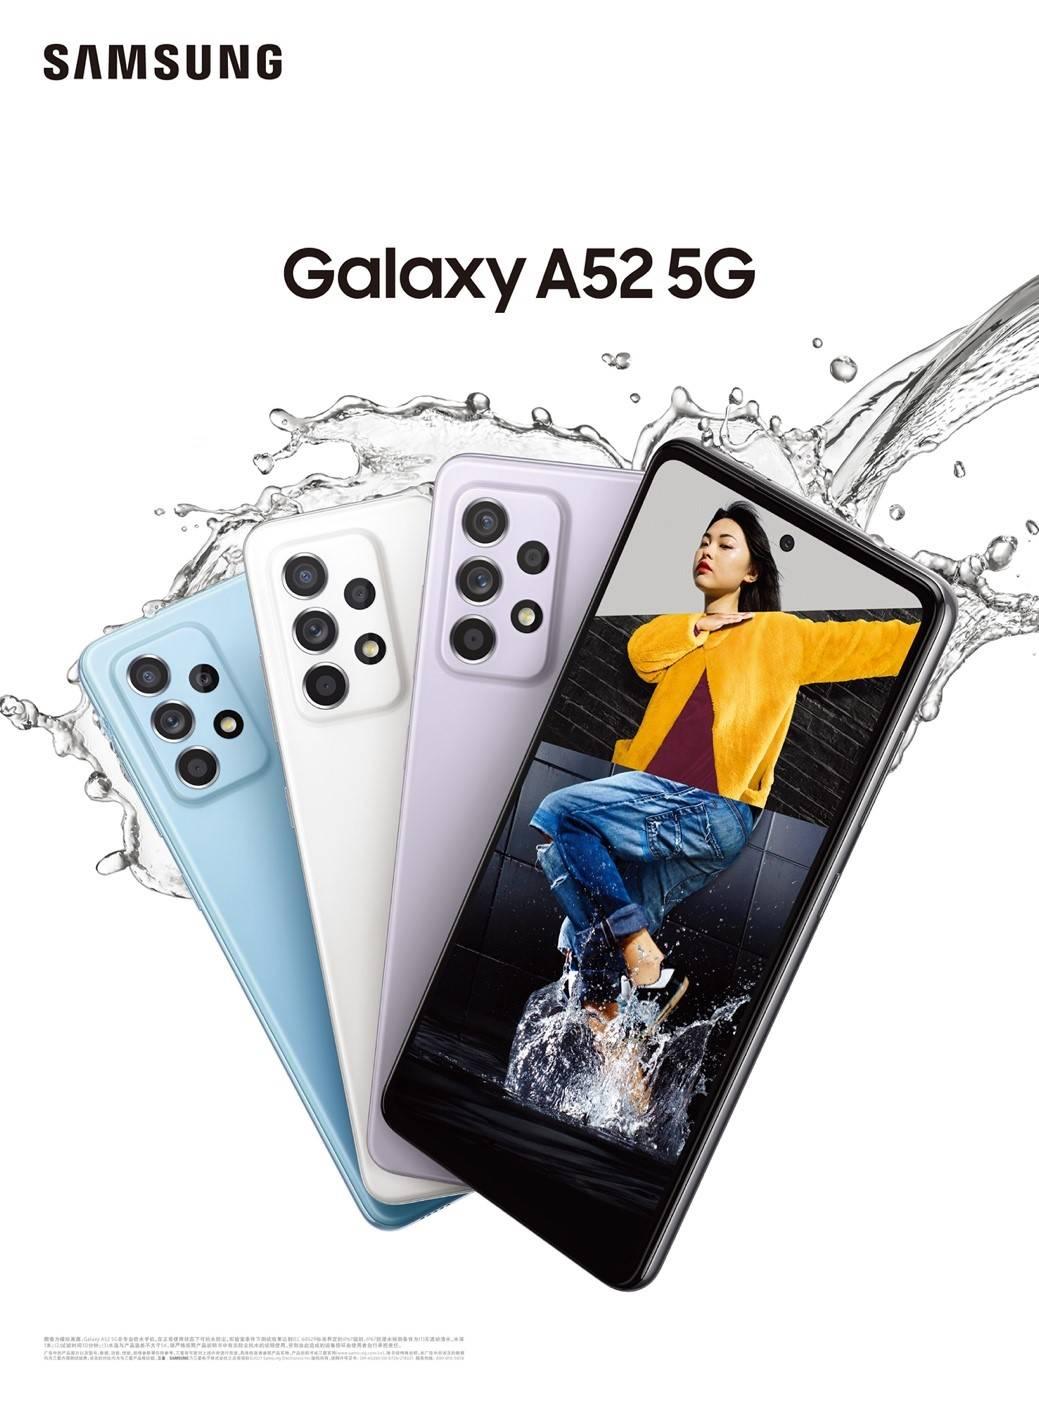 三星Galaxy A52 5G,随心所欲与创新共舞